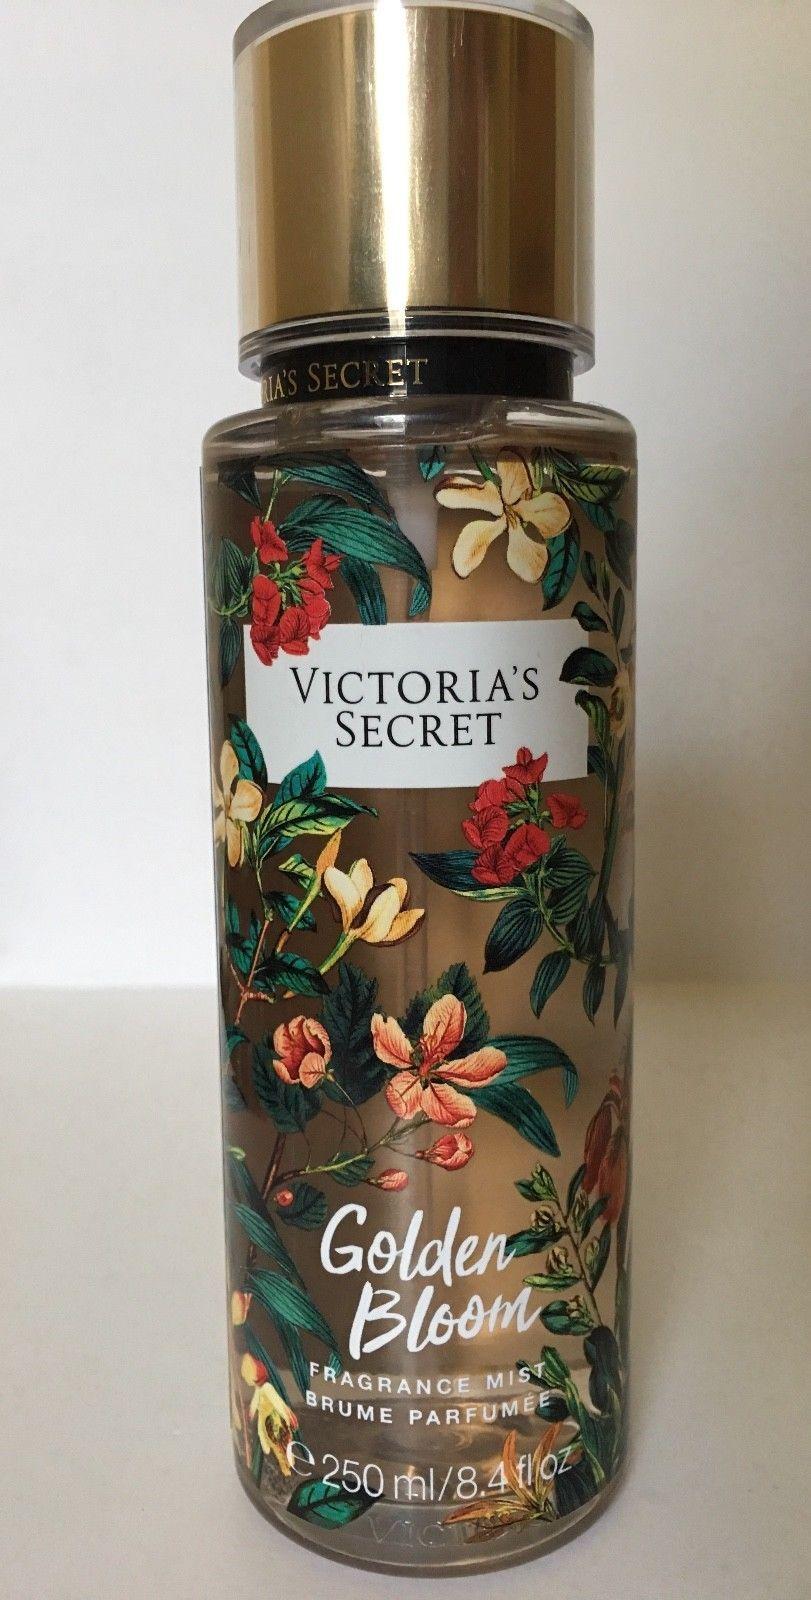 a38637ad2a2  14.95 - 1 Victoria s Secret Golden Bloom Fragrance Mist Body Spray 8.4 Fl  Oz Perfume  ebay  Fashion